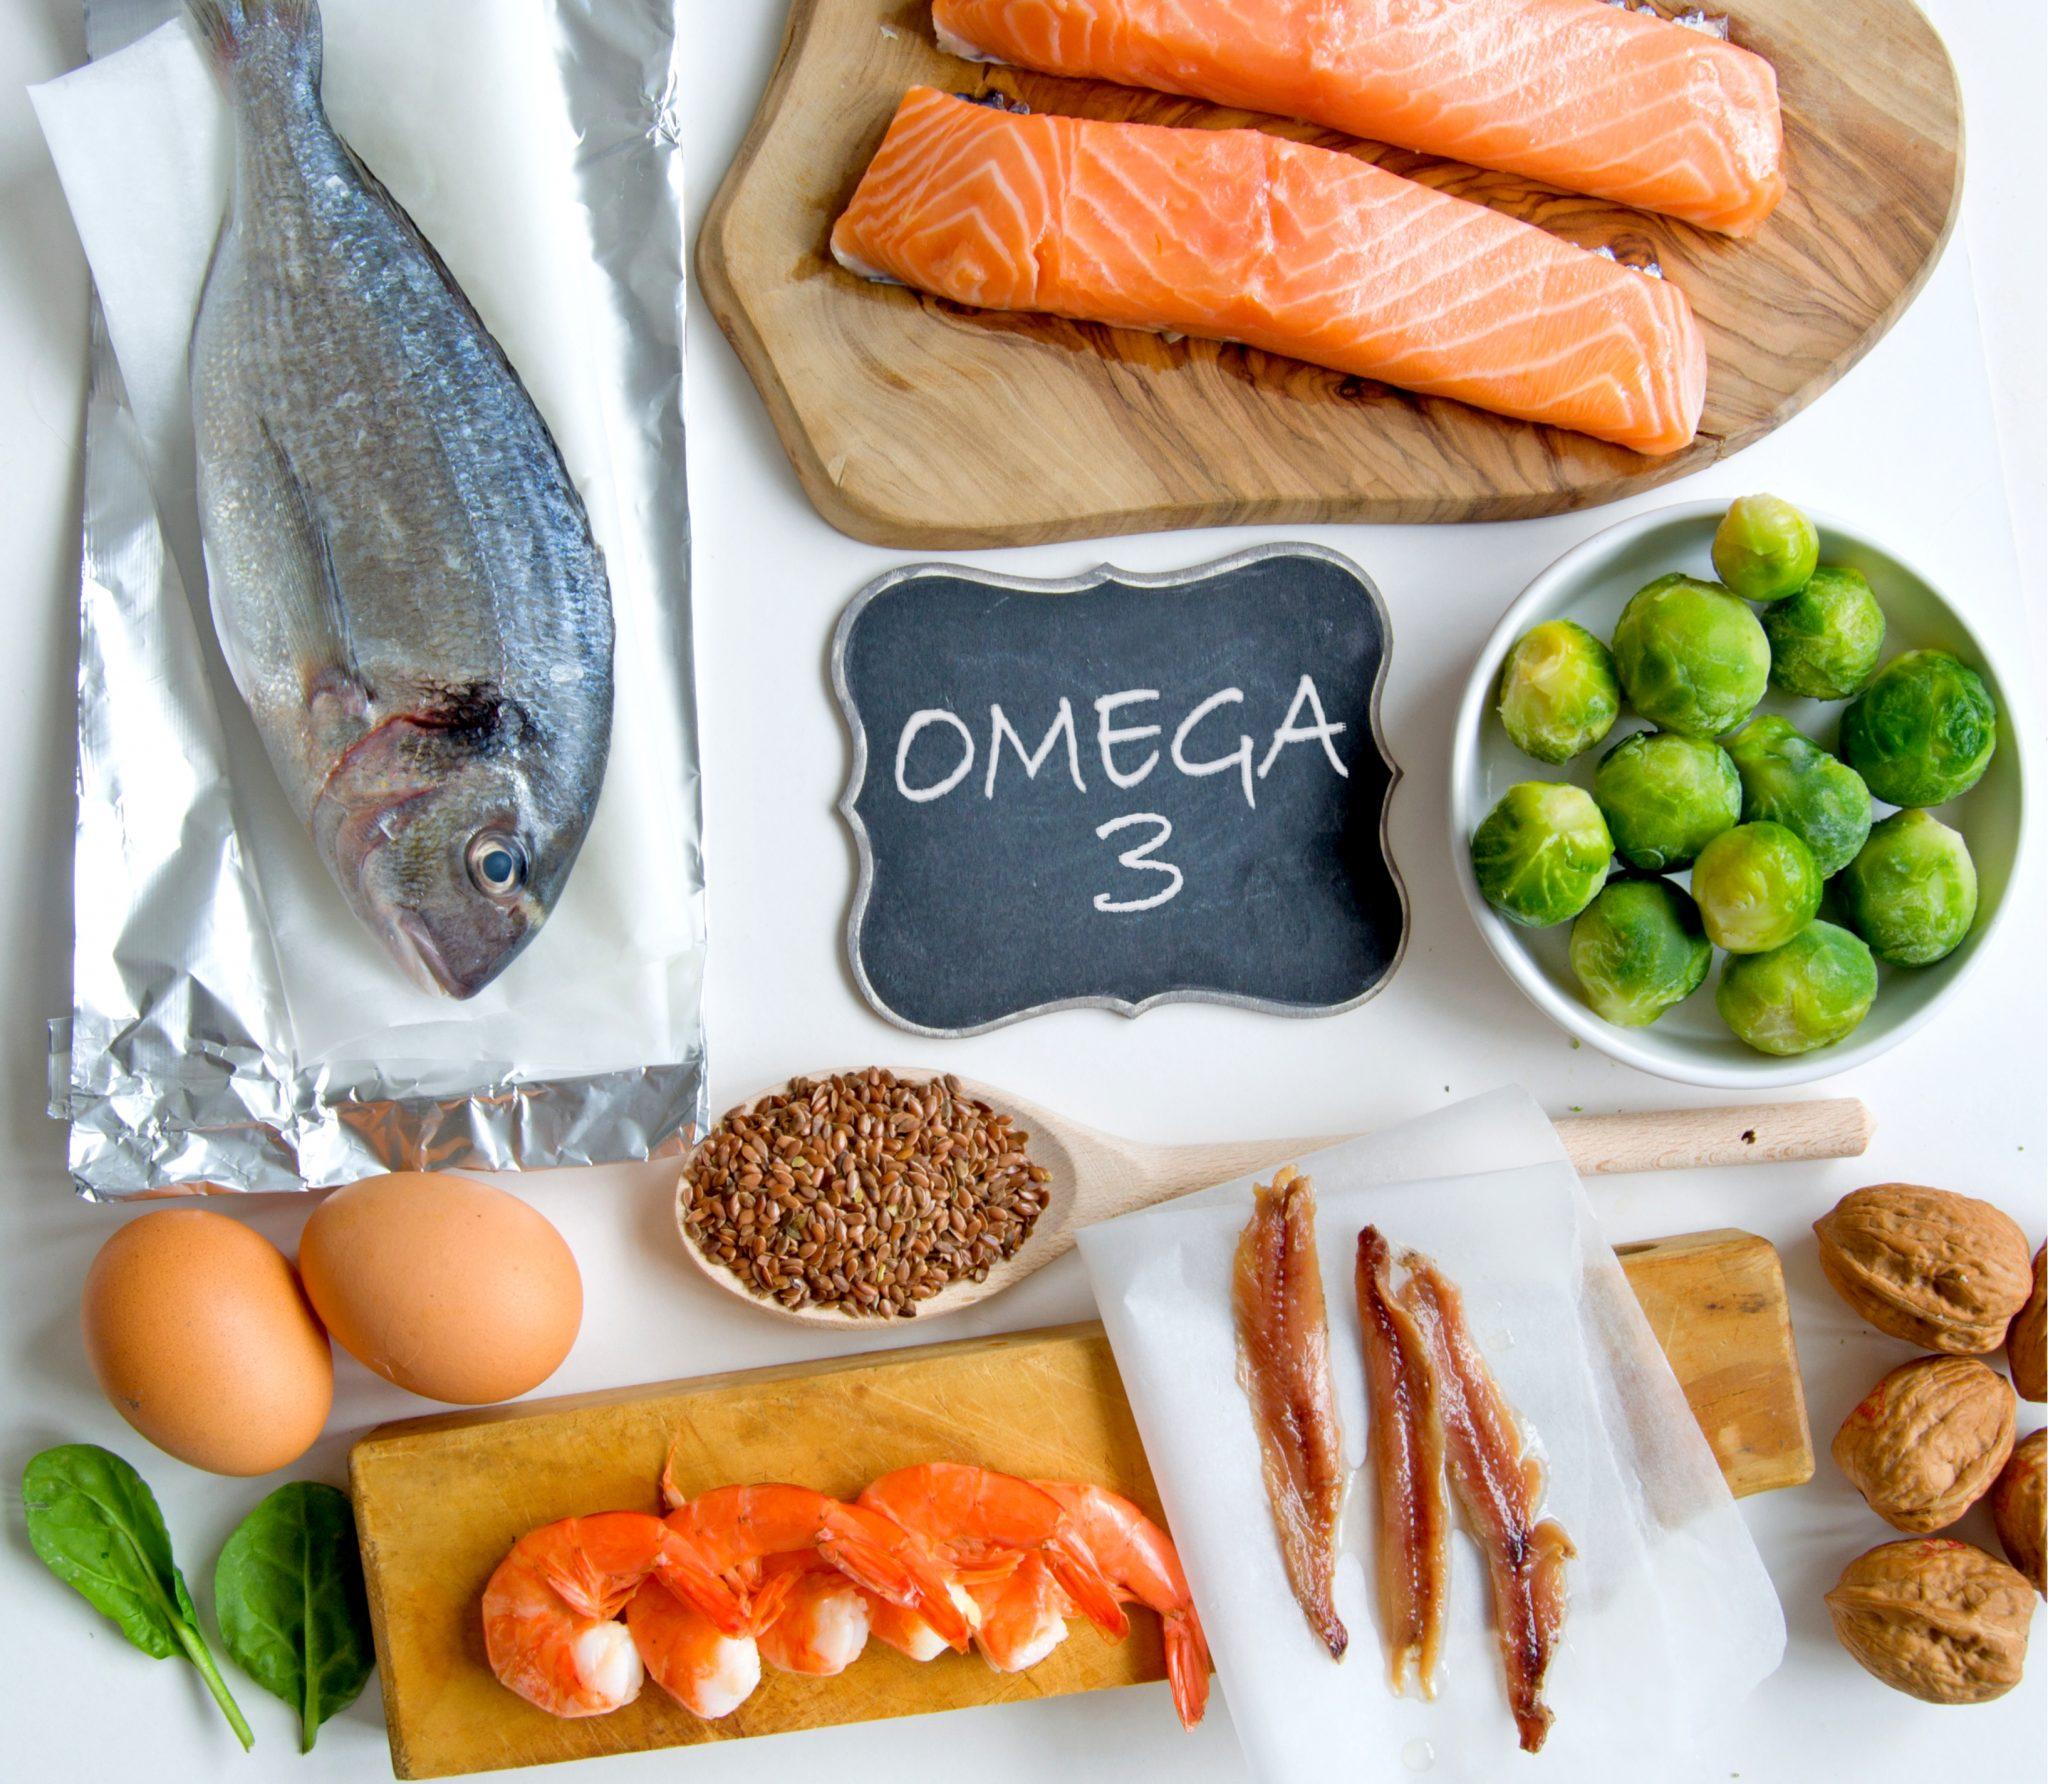 オメガ3脂肪酸を含む食べ物一覧